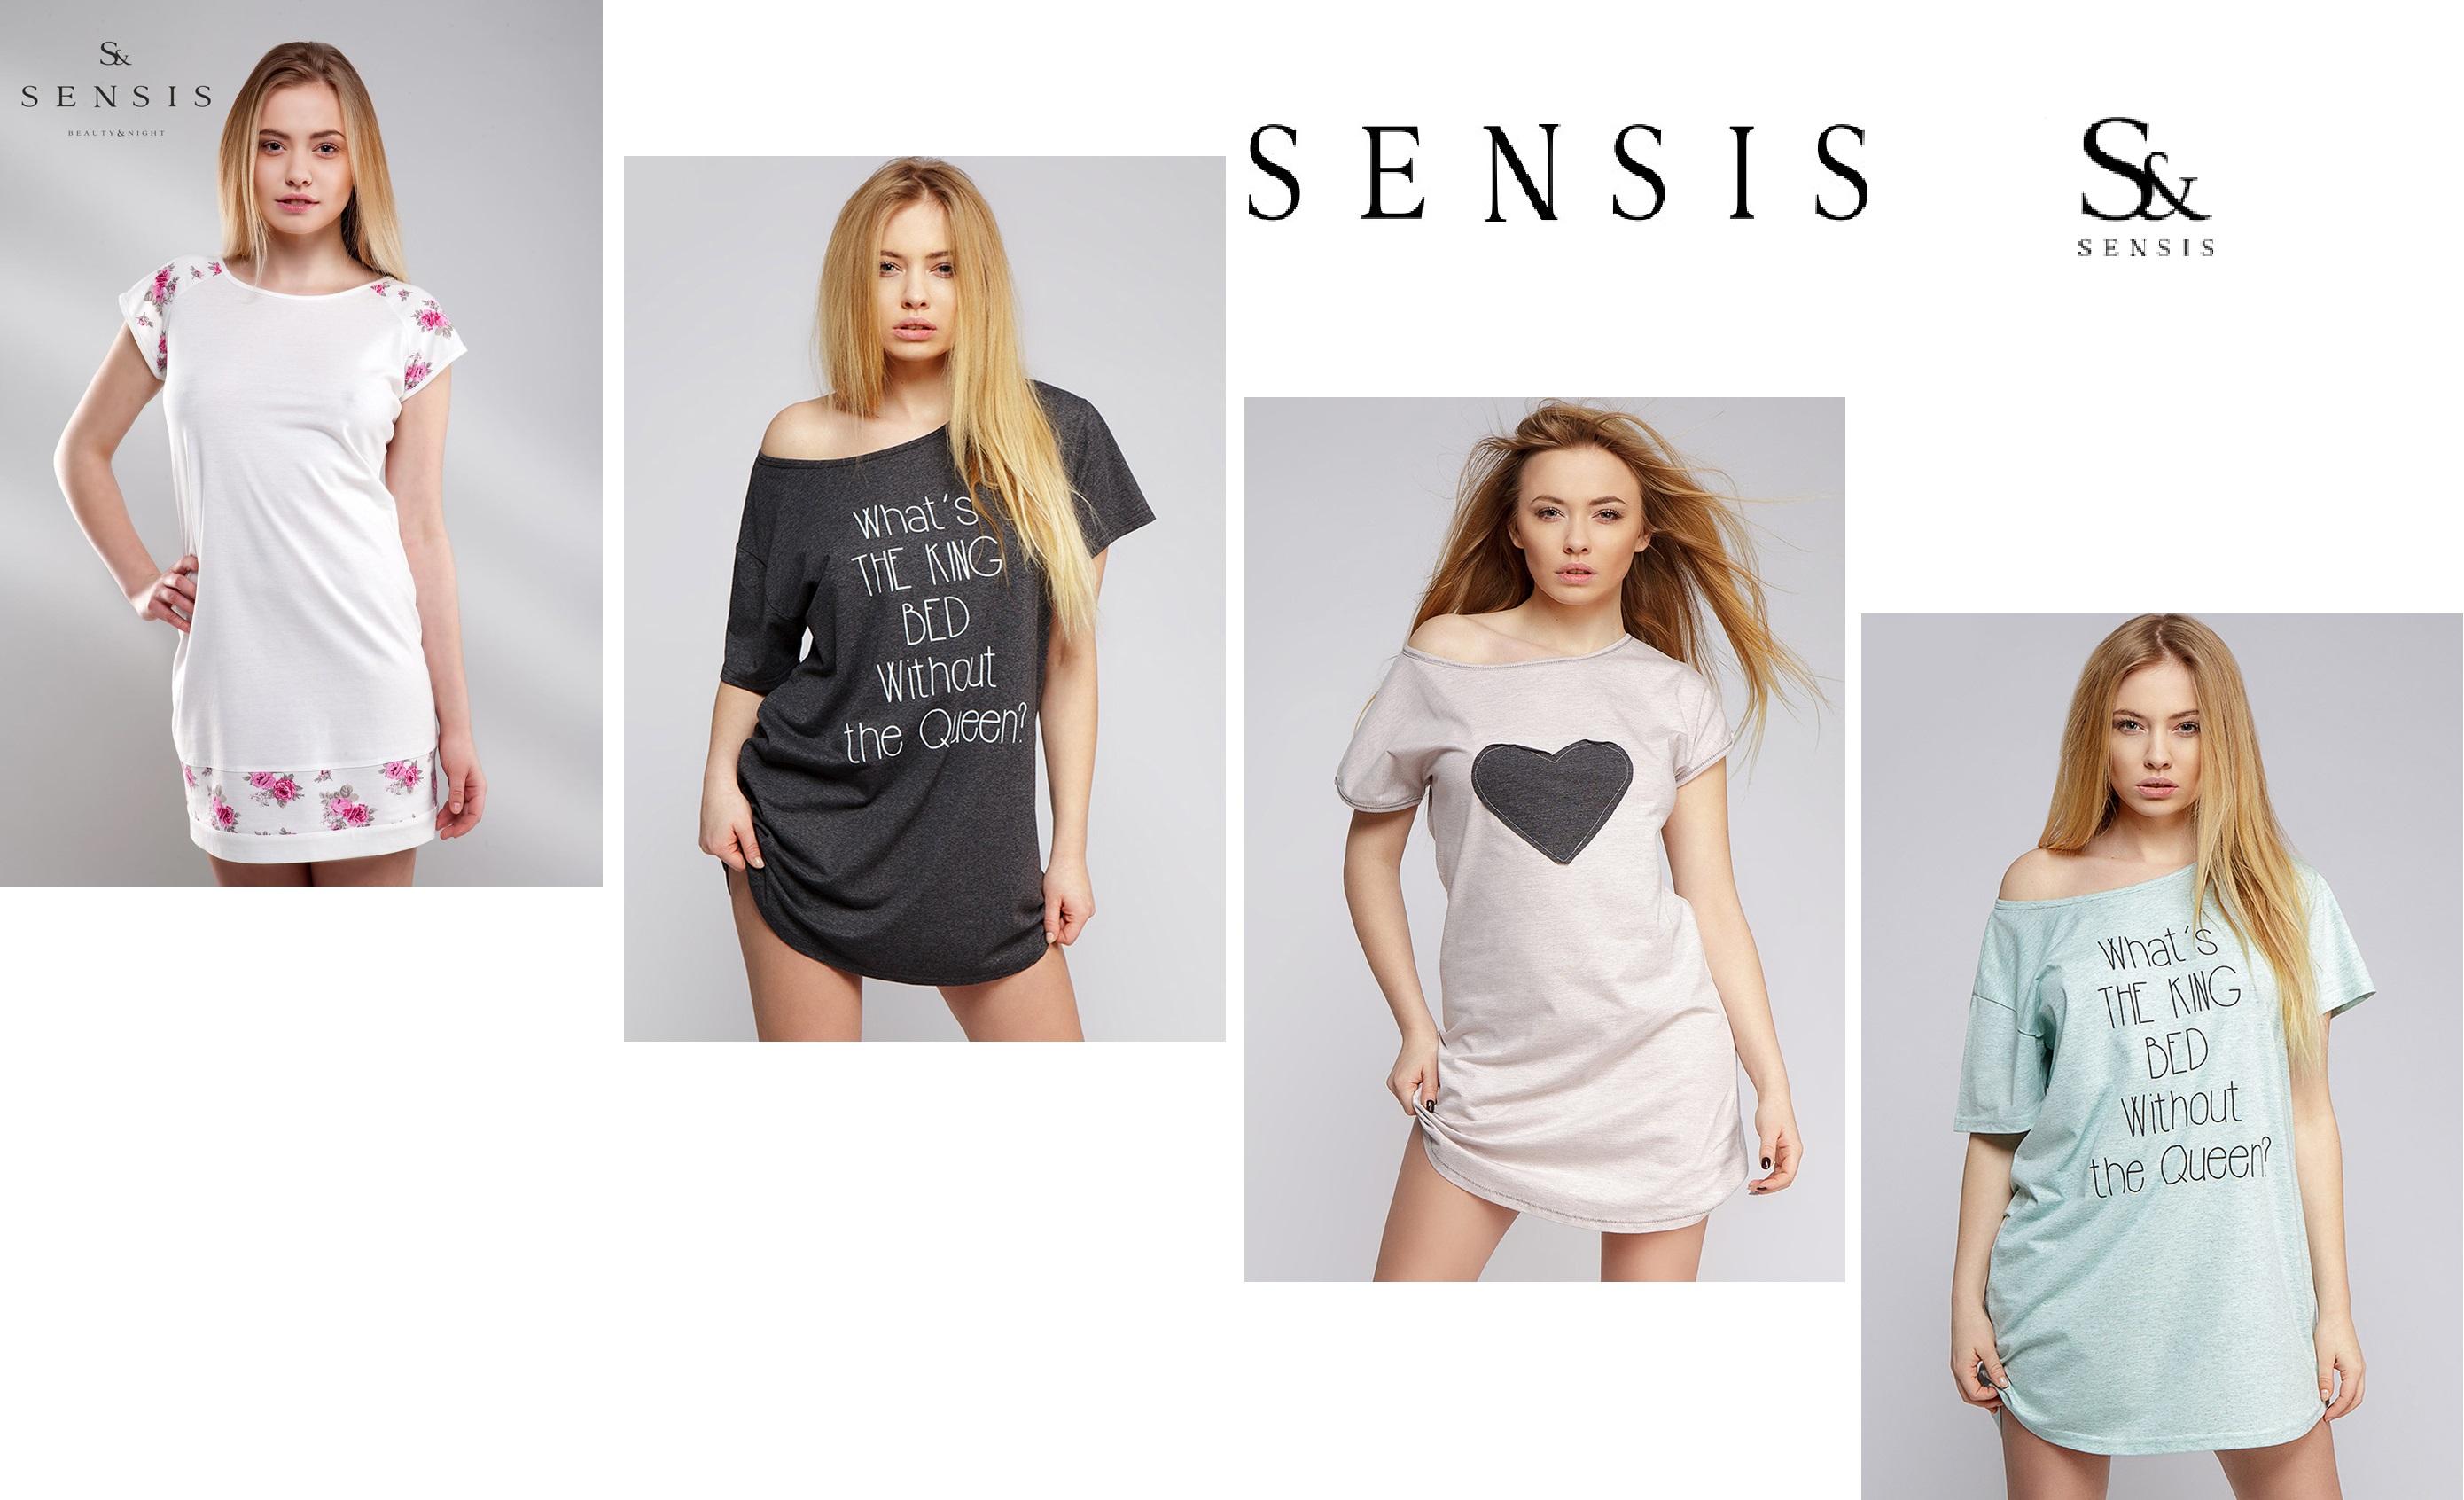 одежда для дома и сна пижамы сорочки халаты комплекты TM Sensis купить интернет-магазин Киев